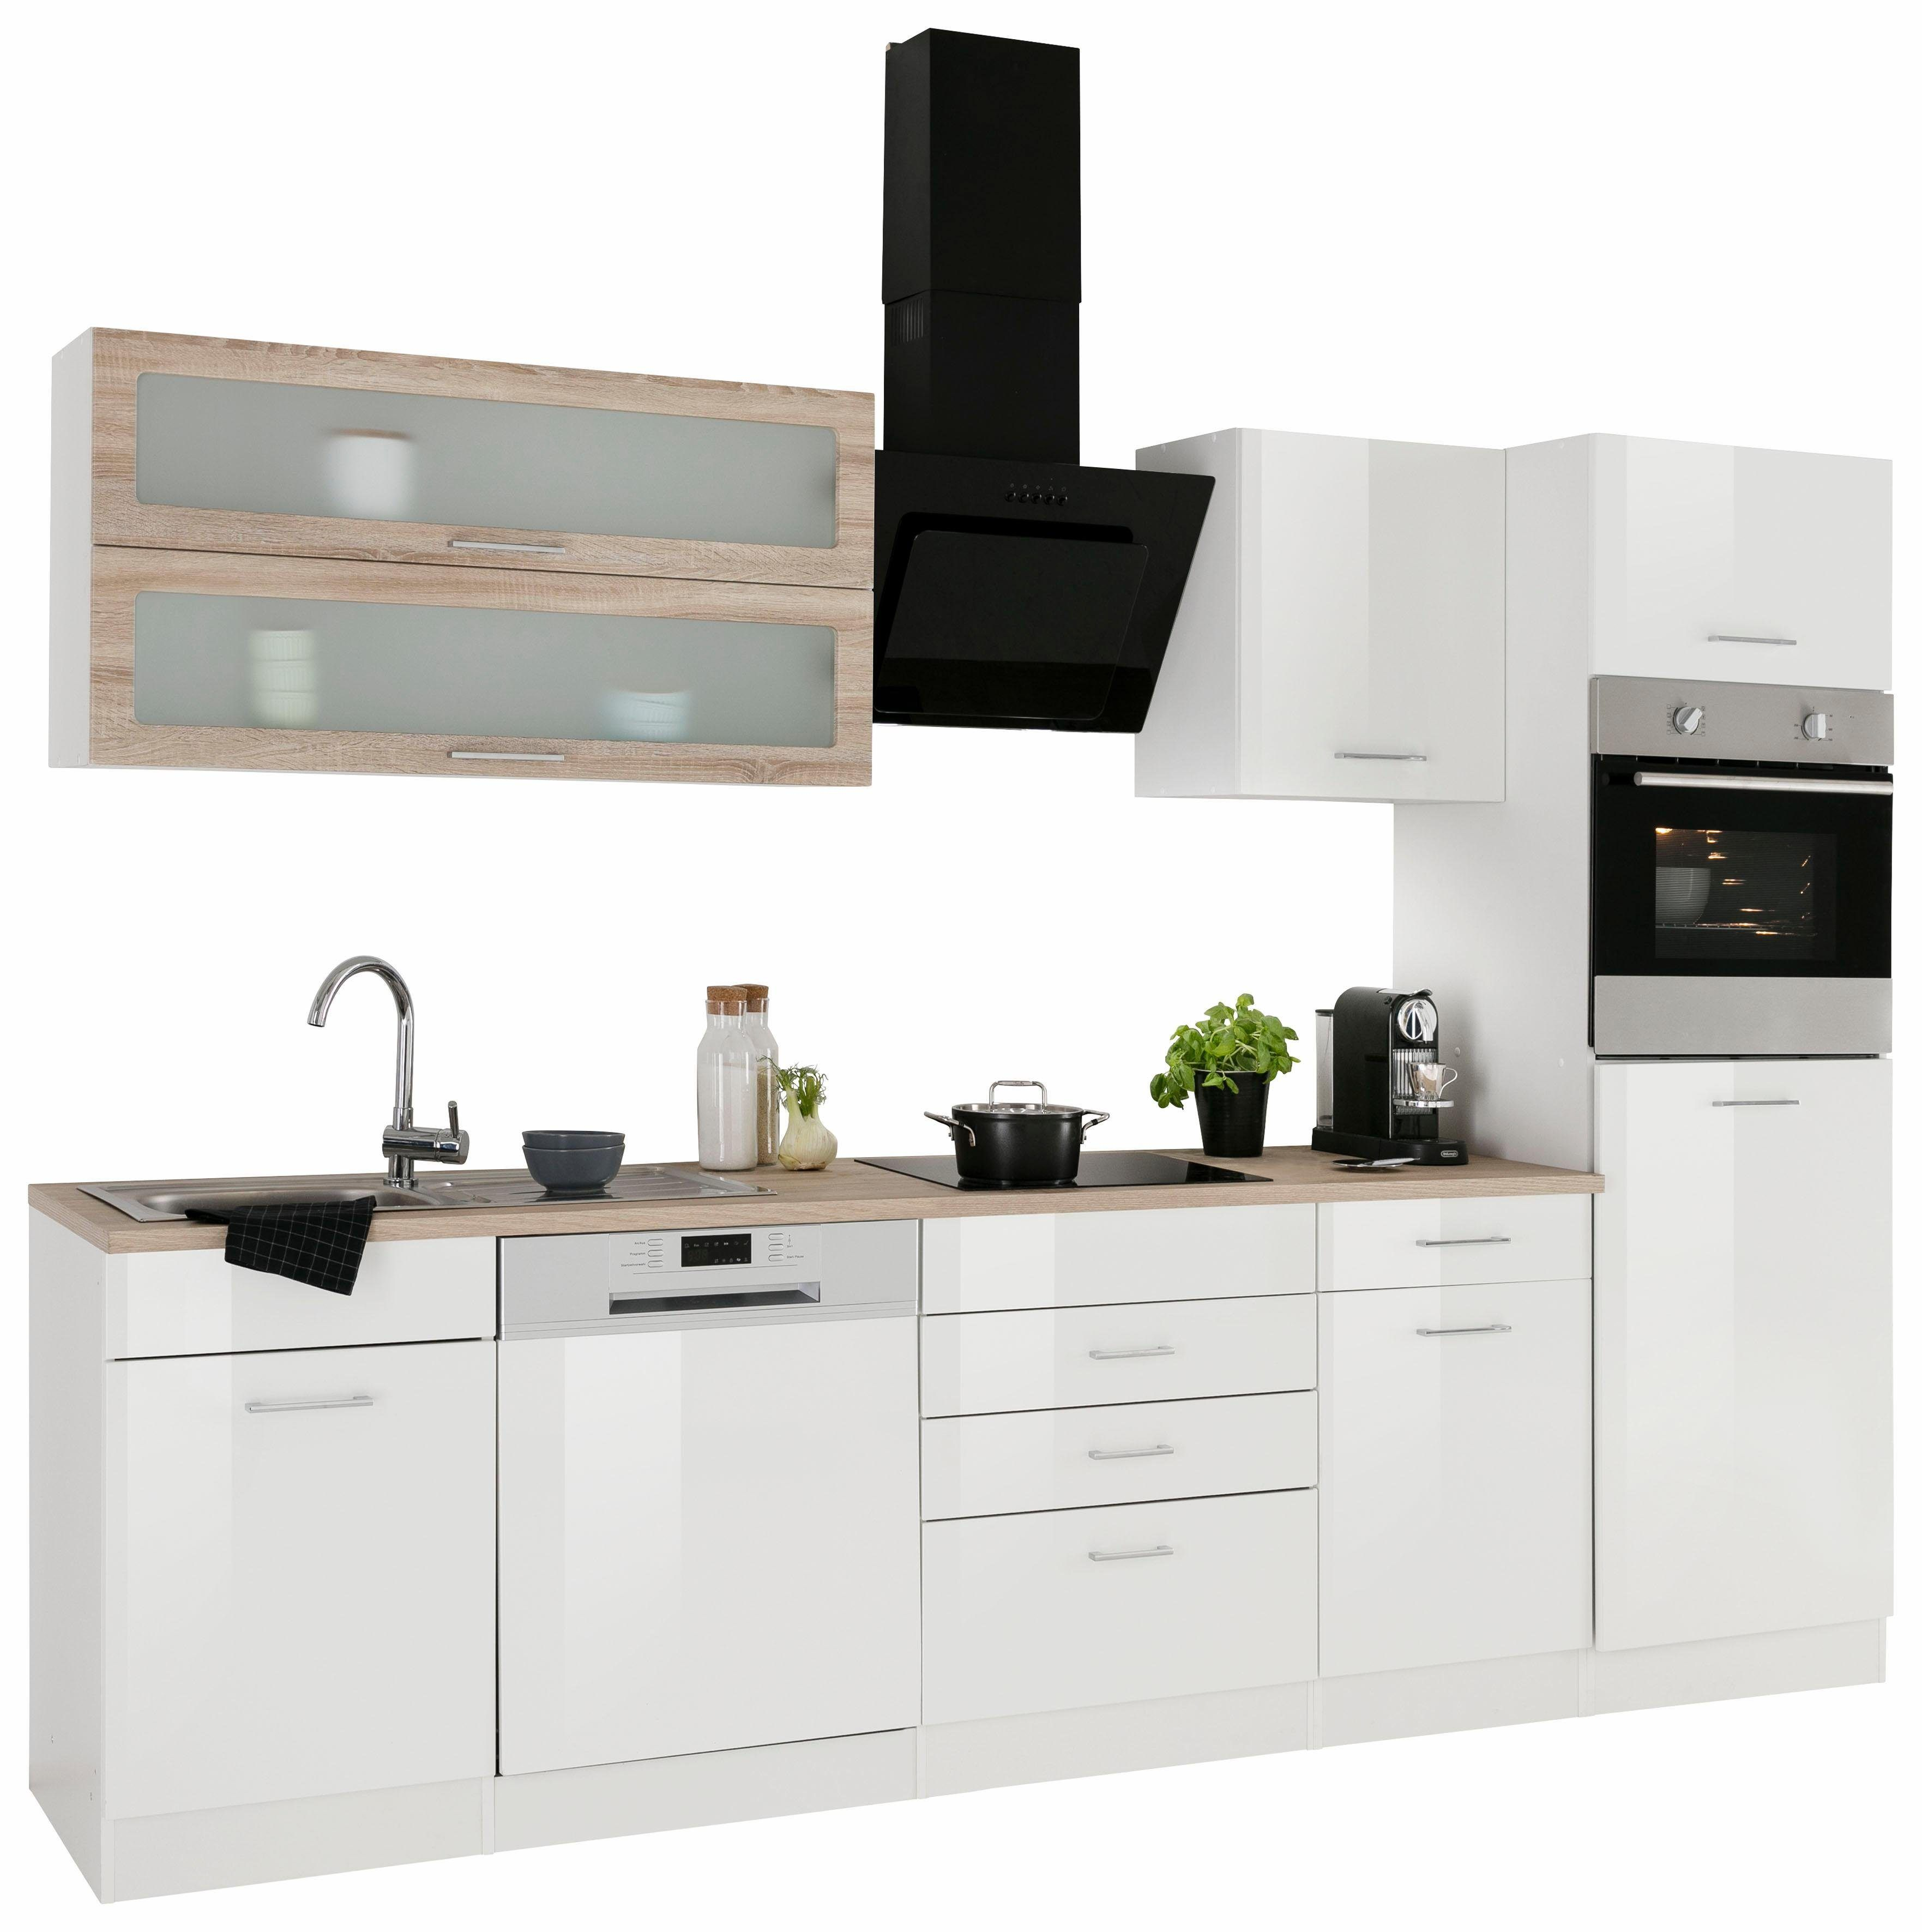 Beste Küchen Mit Geräten Weiß Fotos - Ideen Für Die Küche Dekoration ...